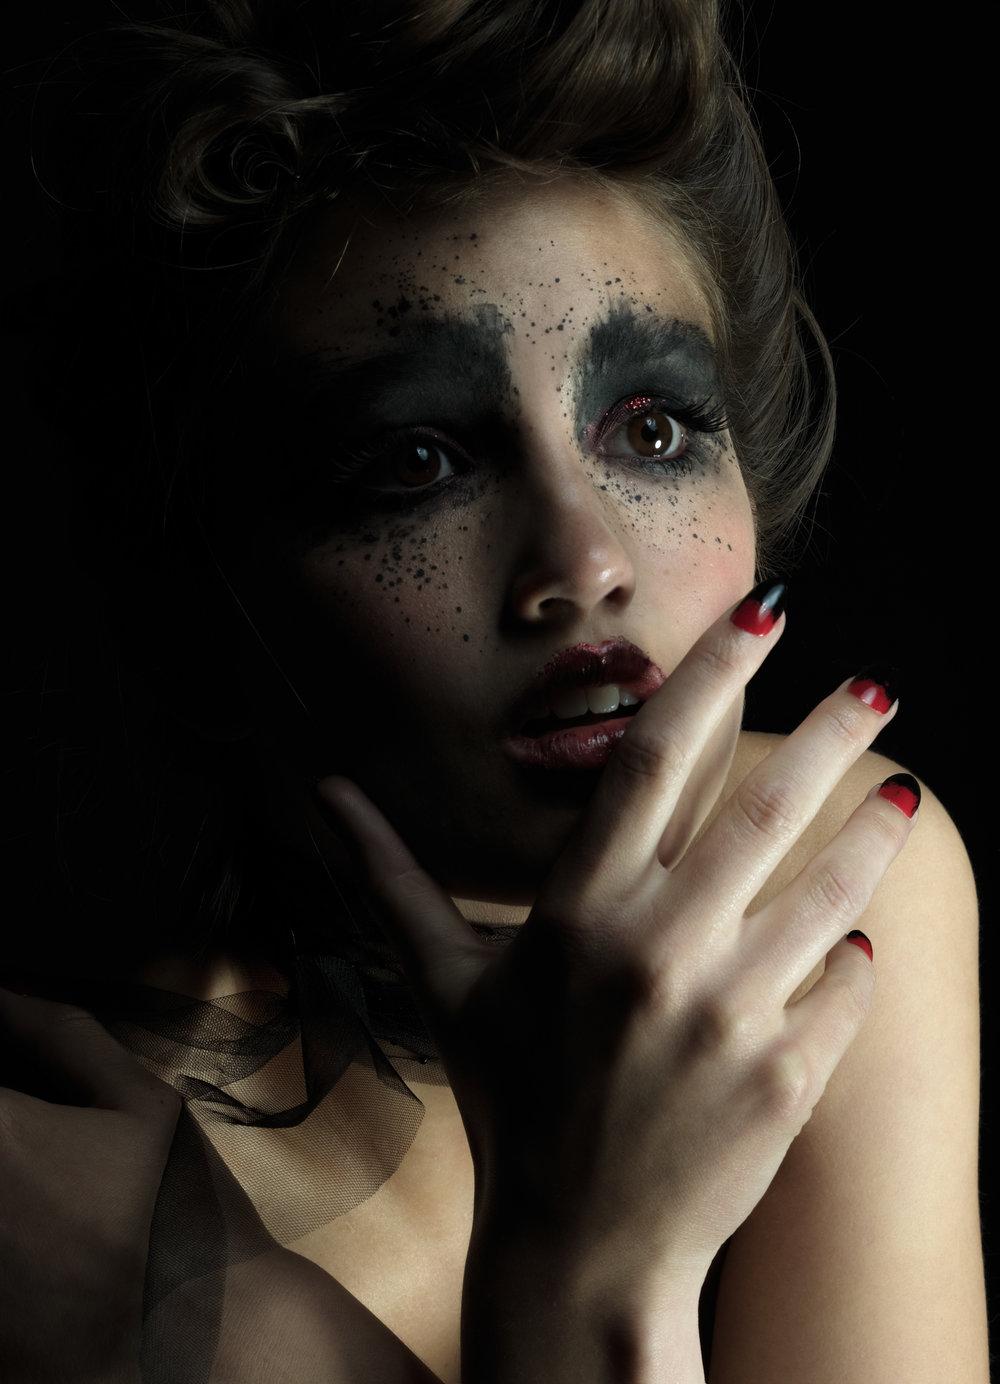 Moulin Rouge_by_Caspar Arnhold_B_0279_ME_HiRes.jpg